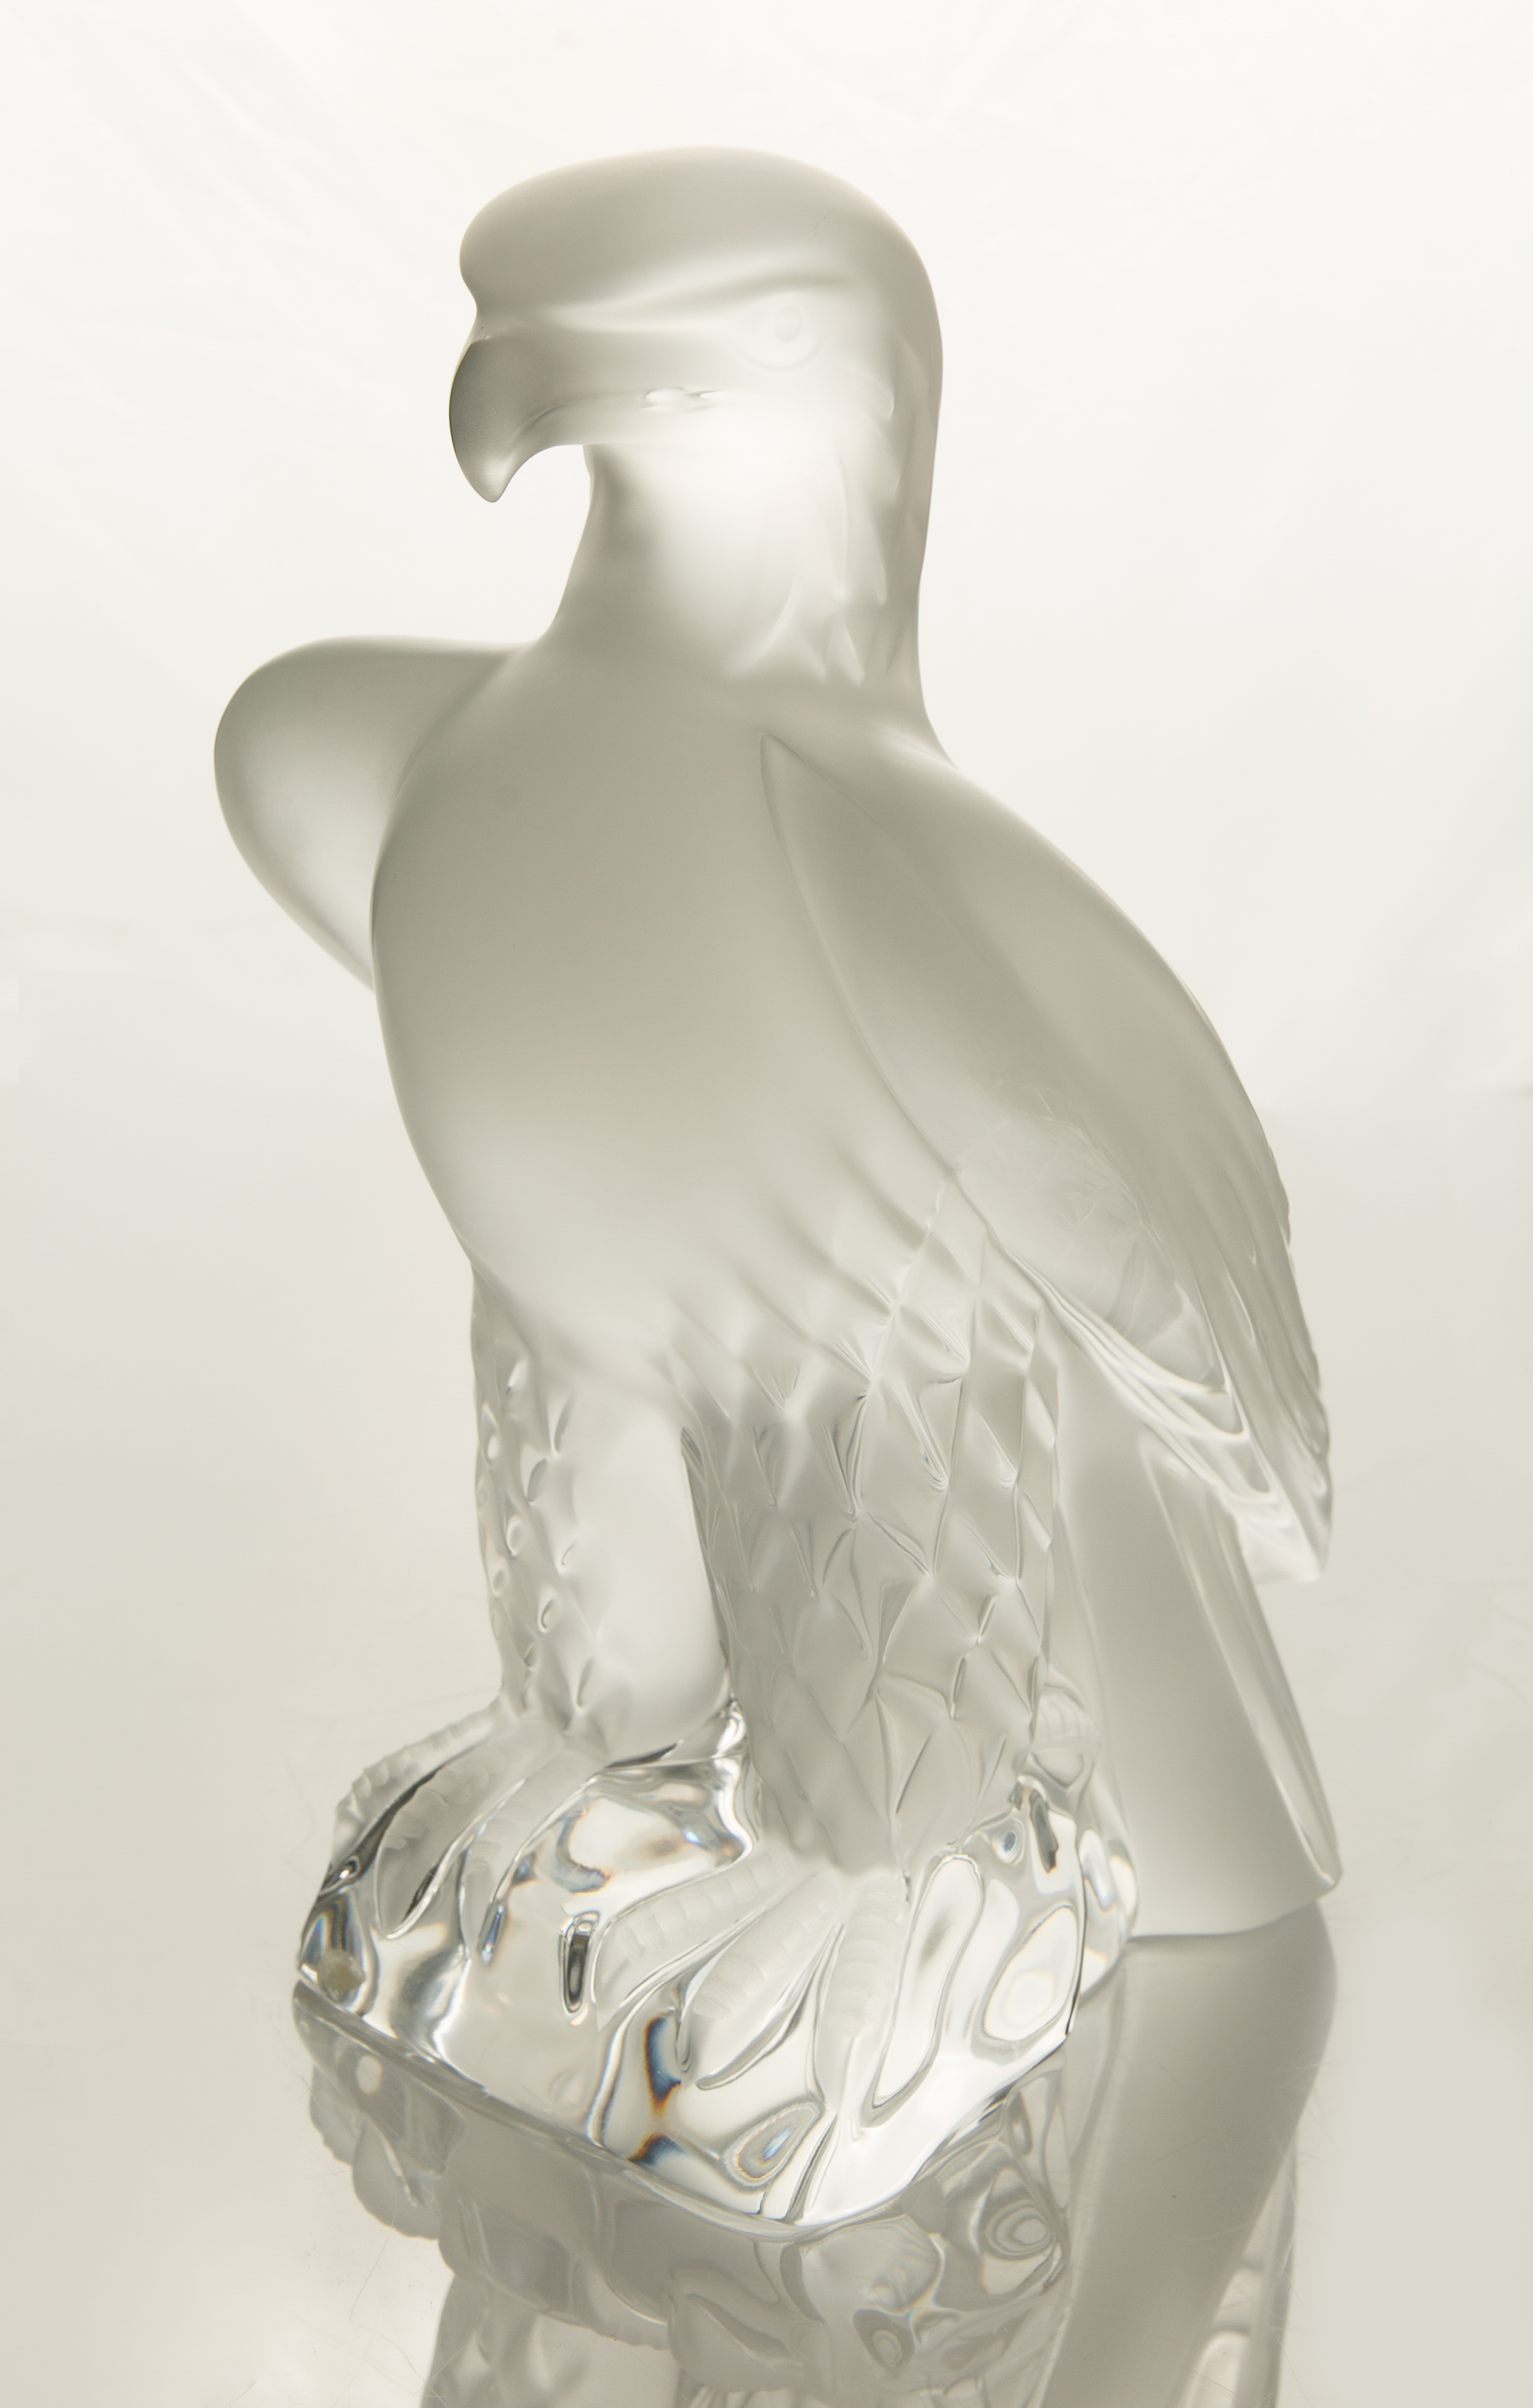 DESIGNED 1975 BY MARC LALIQUE LALIQUE 'LIBERTY' EAGLE